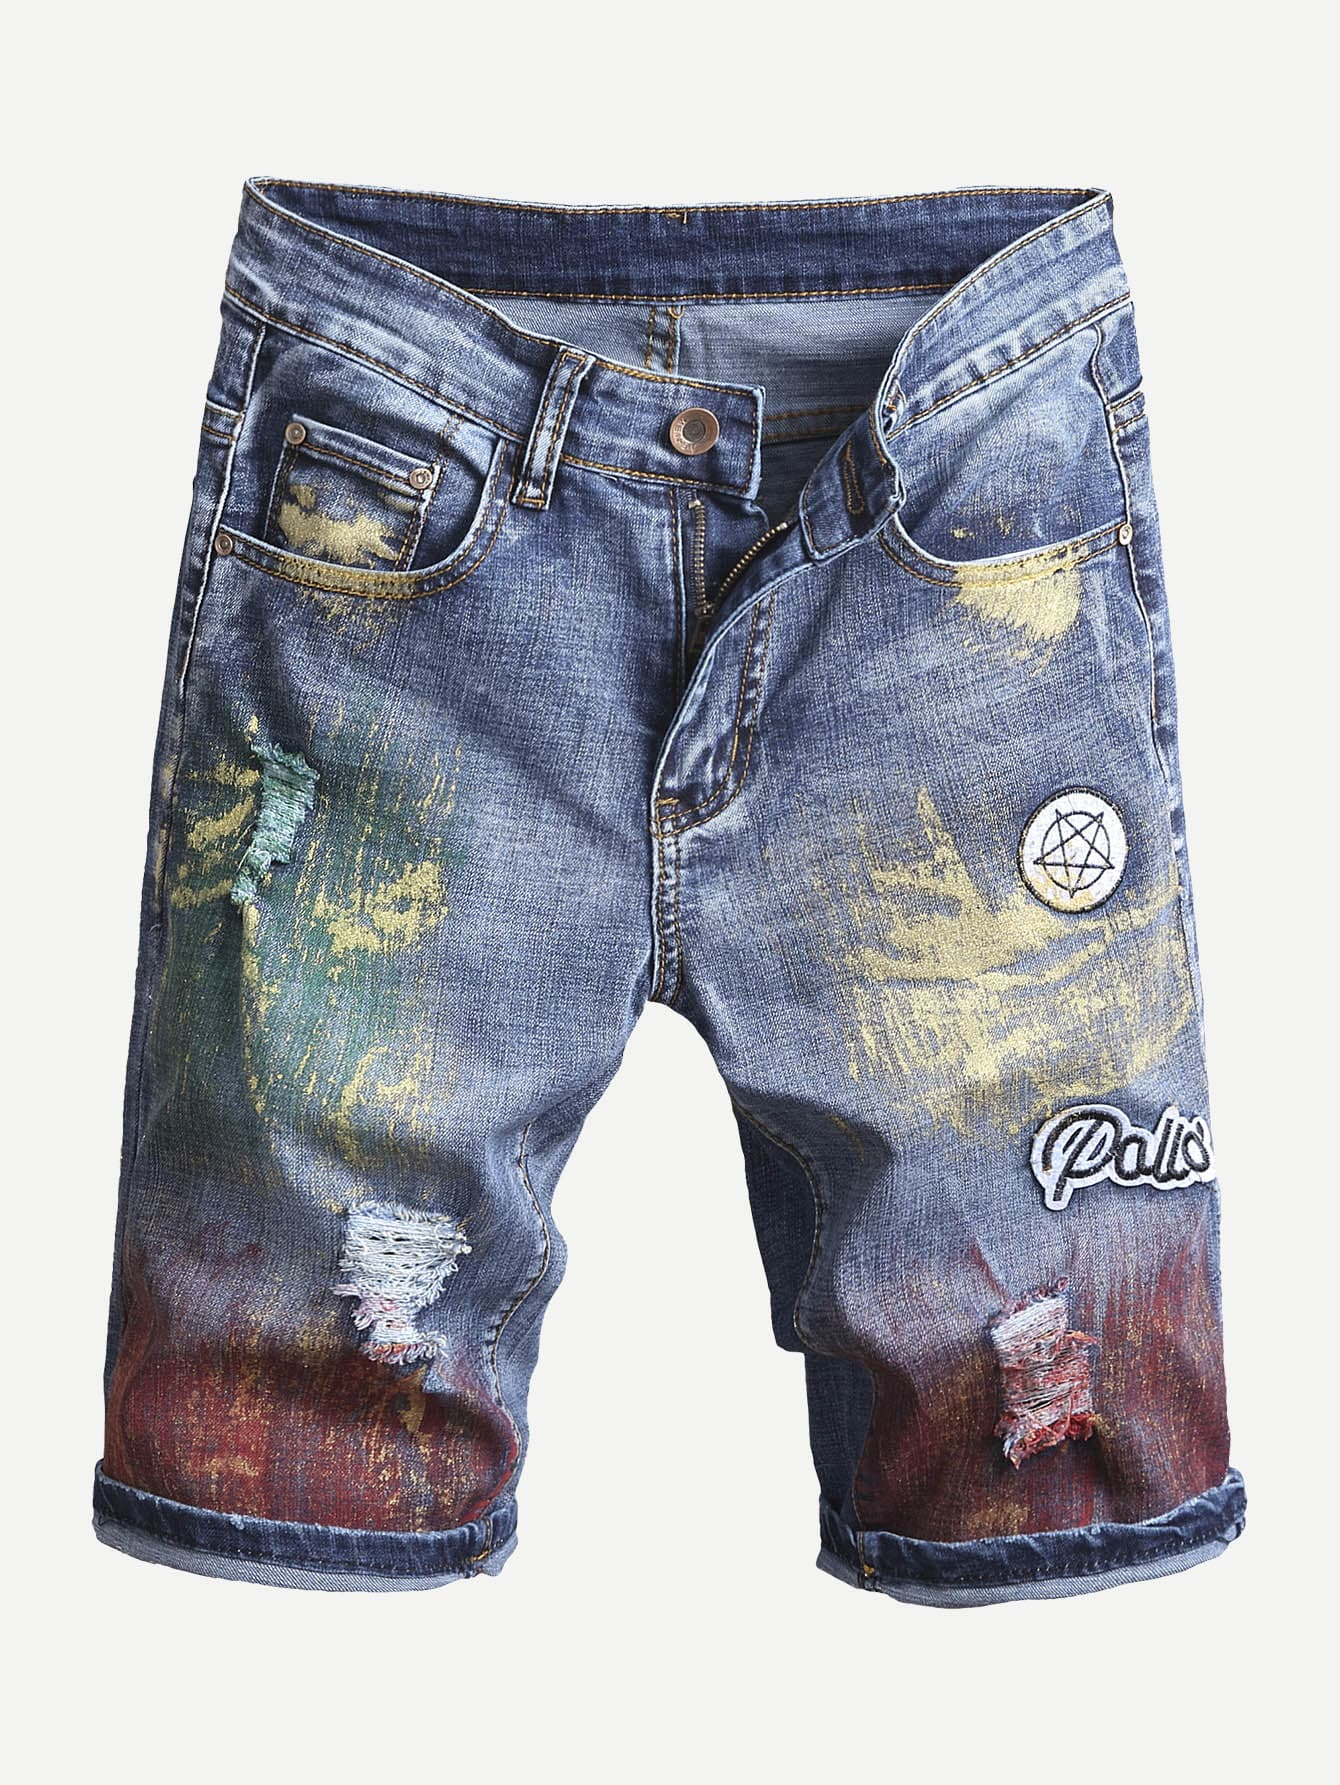 Men Patched Destroyed Denim Shorts men embroidery patched denim jacket